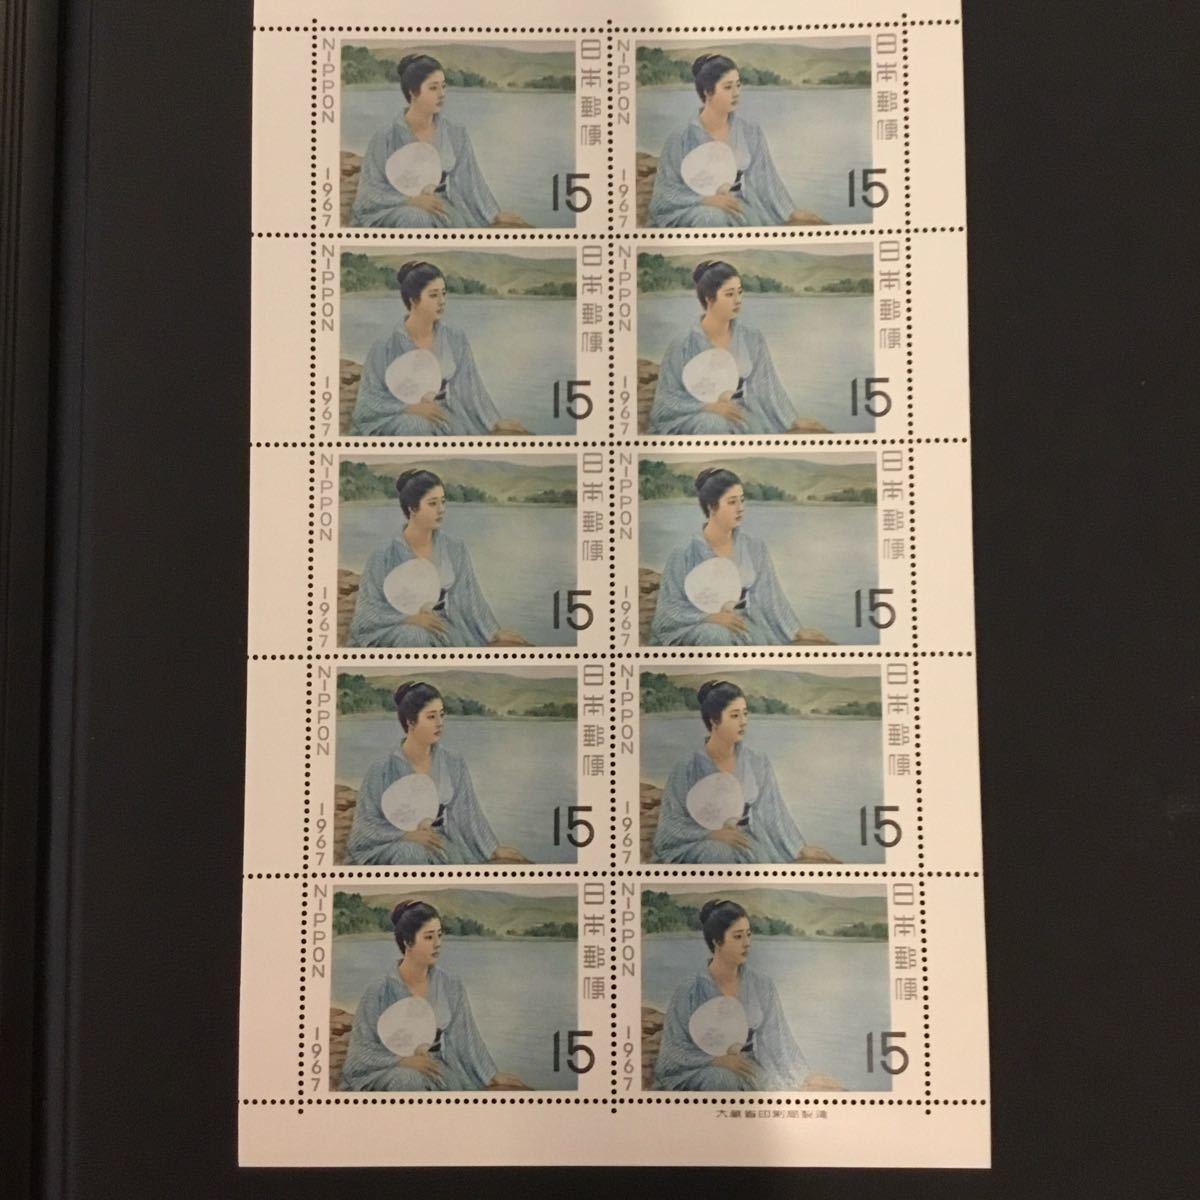 切手湖畔(黒田清輝)15円10枚シート 昭和42年(1967) クーポン